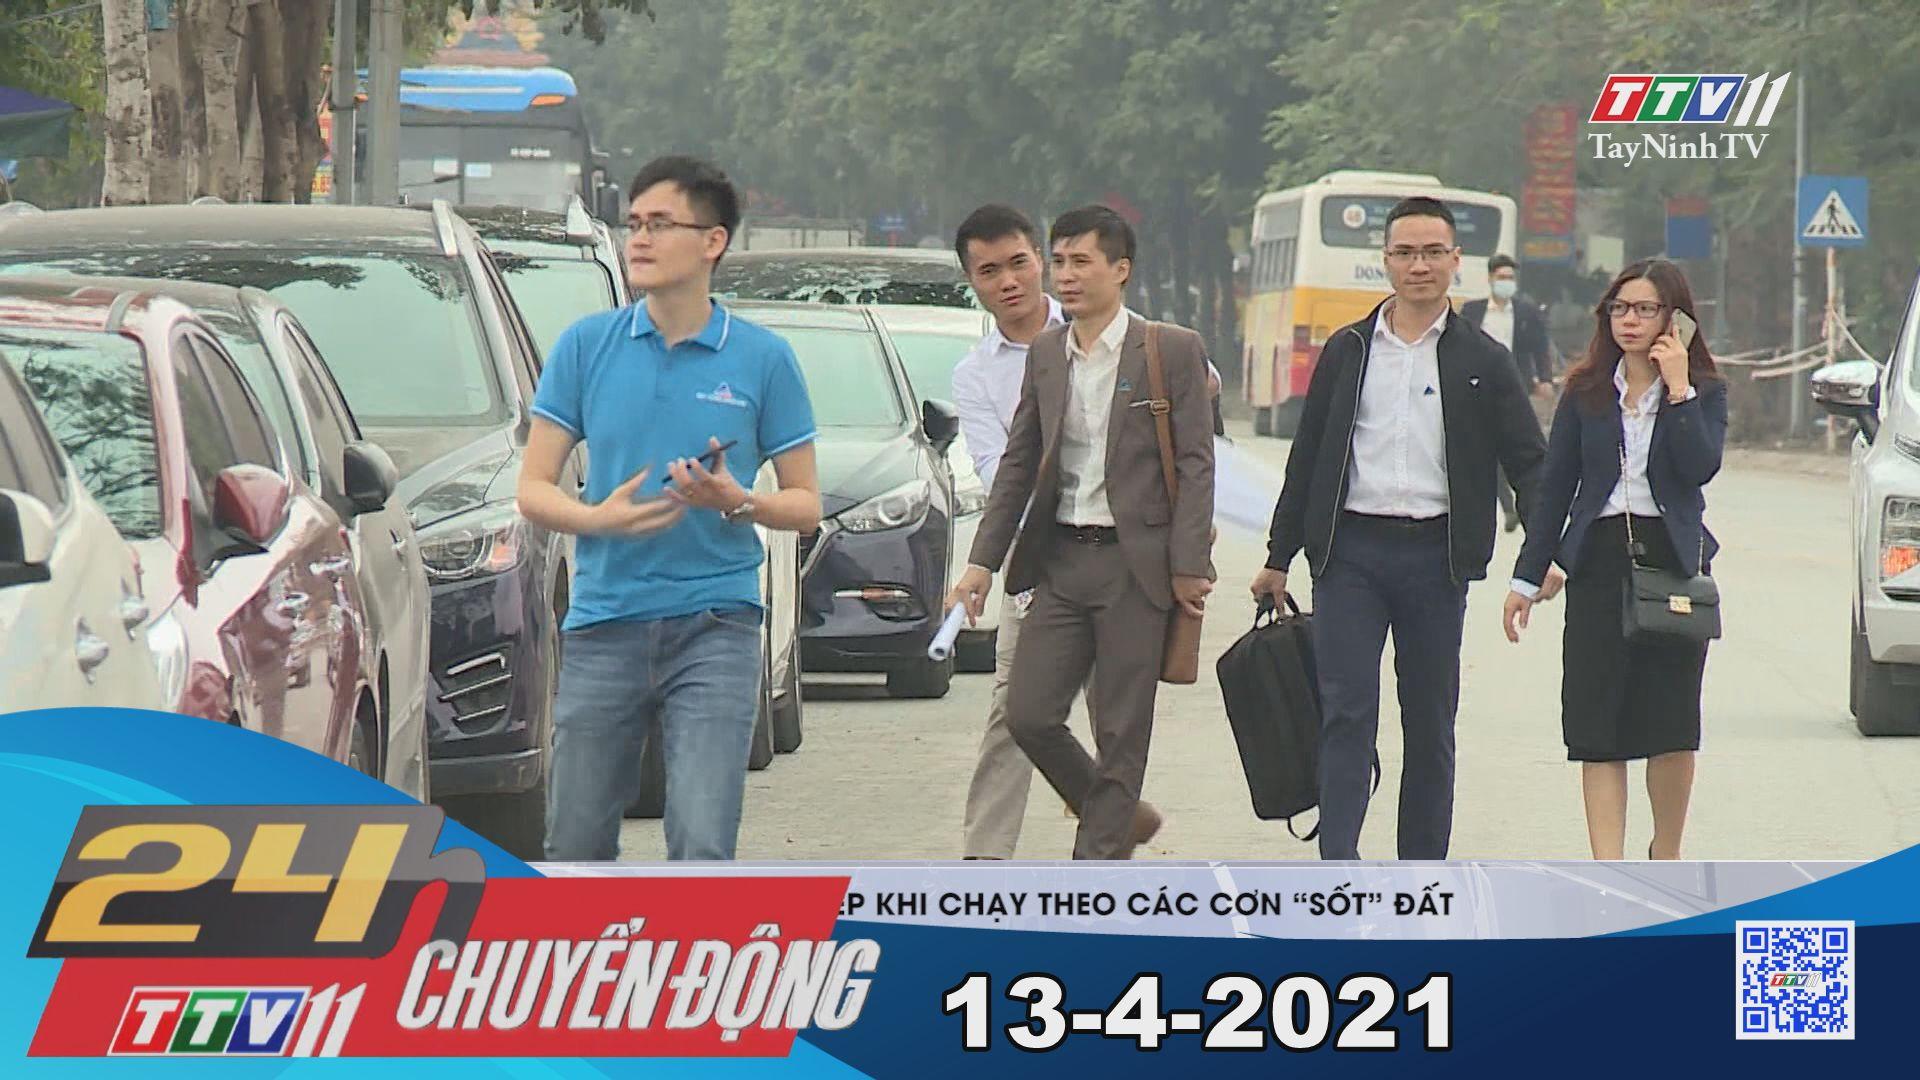 24h Chuyển động 13-4-2021 | Tin tức hôm nay | TayNinhTV